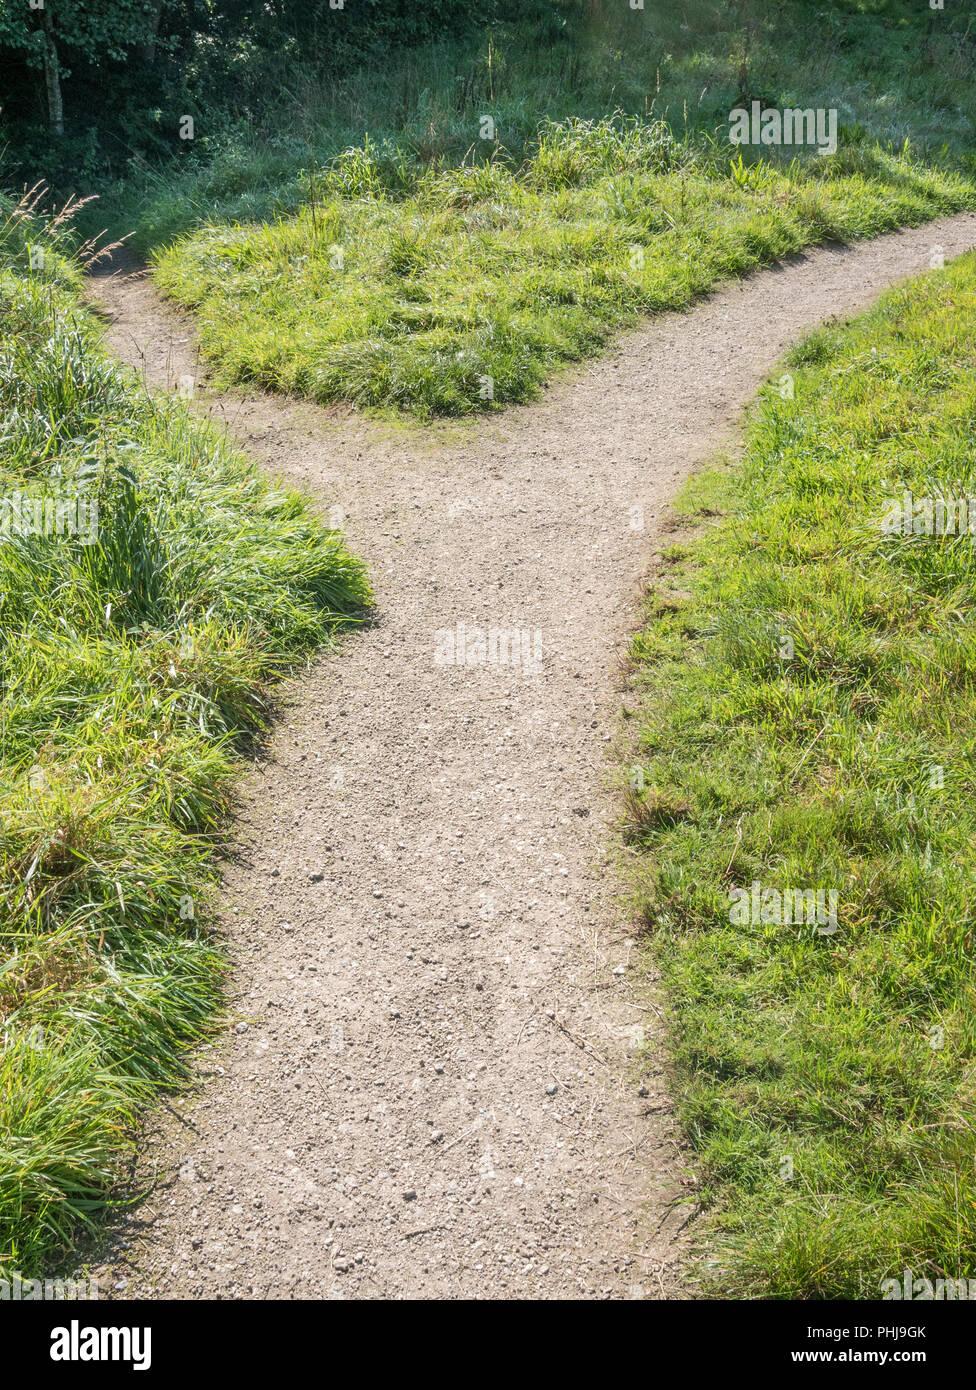 Petit sentier de ramification - métaphore du changement de direction, les différentes passerelles, d'itinéraire, changements de carrière, d'une répartition, va séparer. Photo Stock